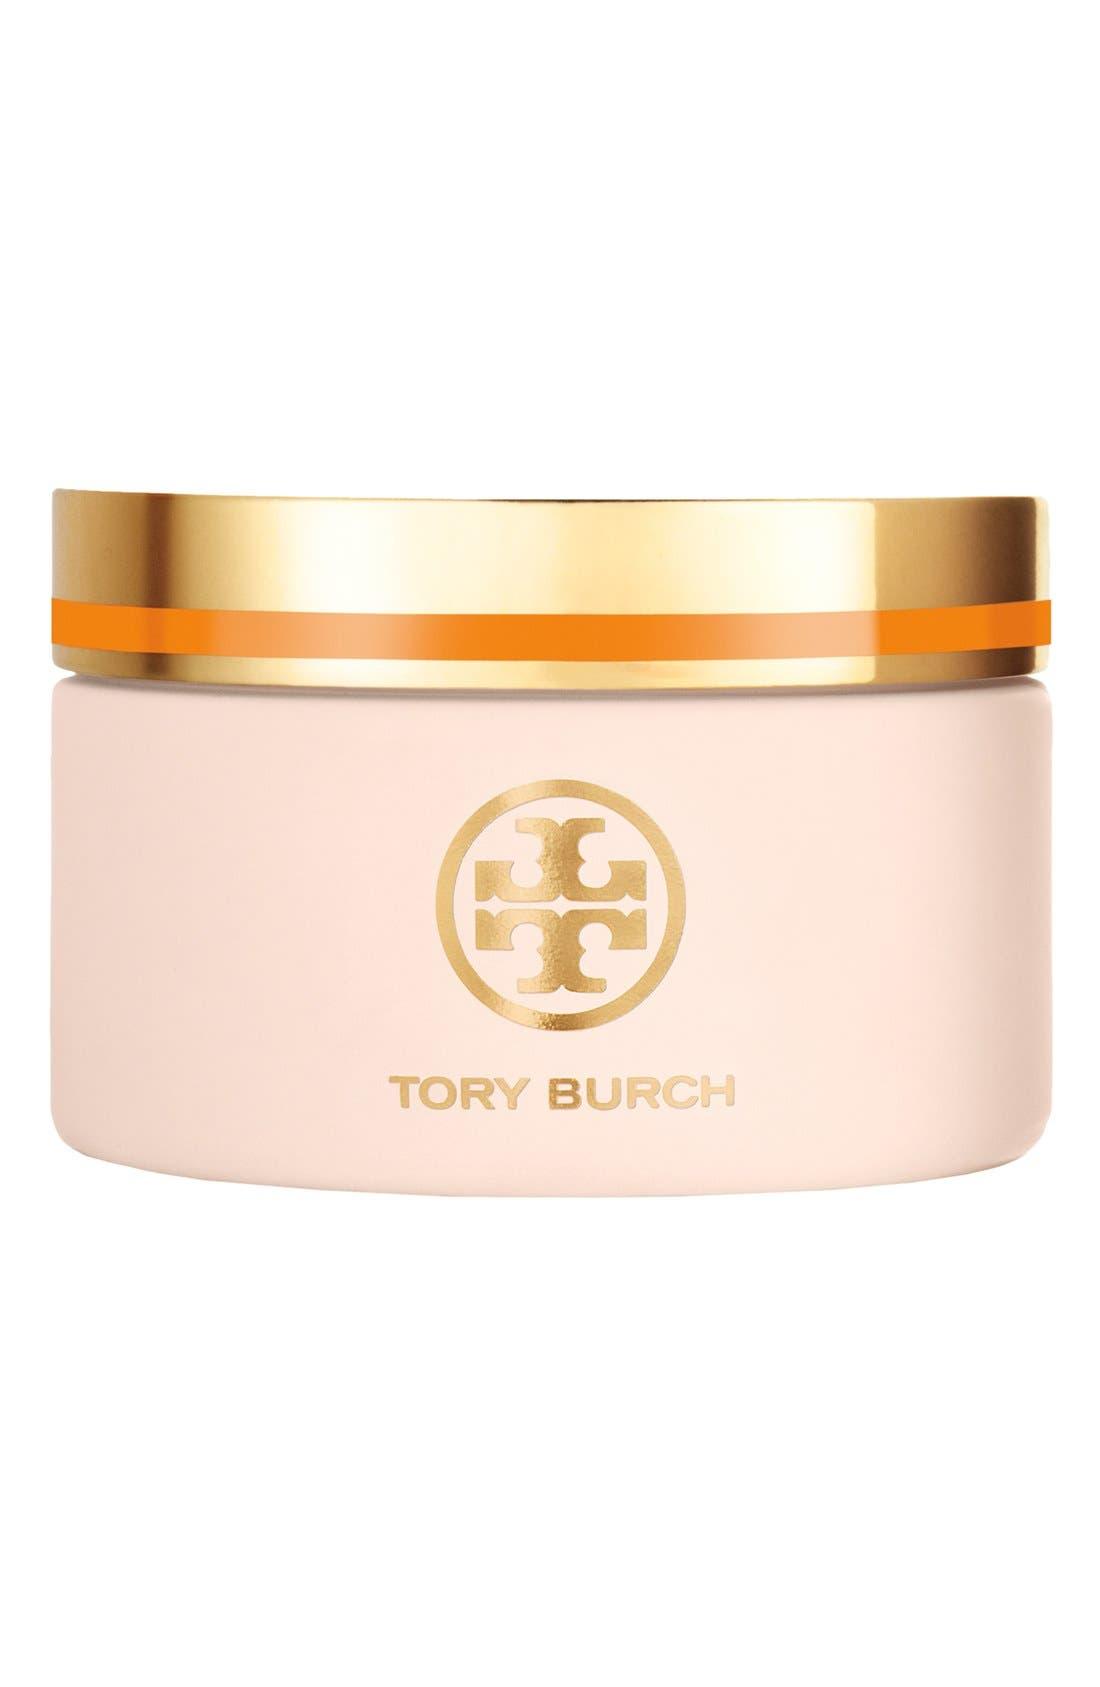 Tory Burch Body Crème